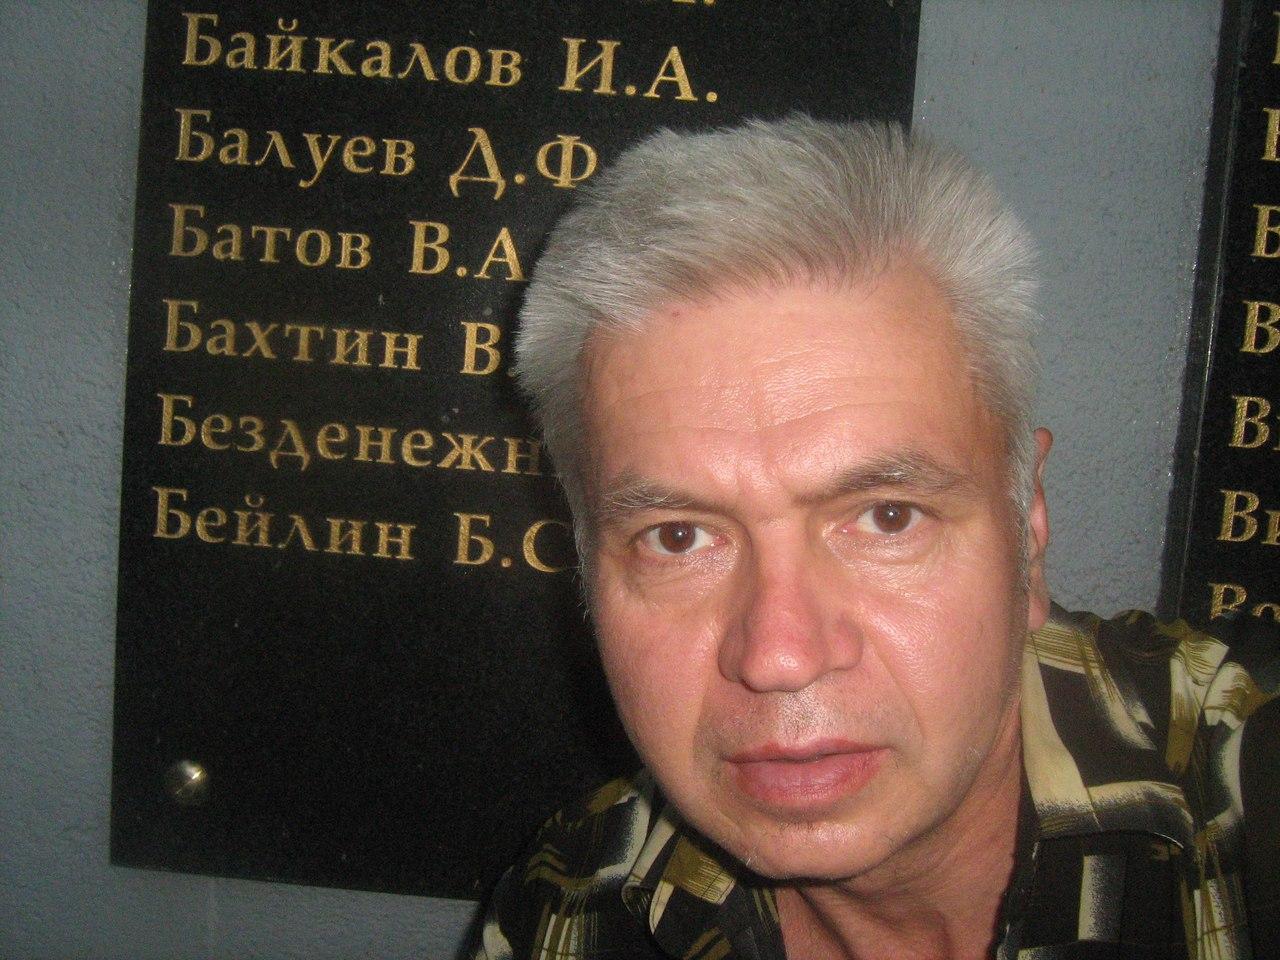 Олег Шершов, Тверь - фото №1